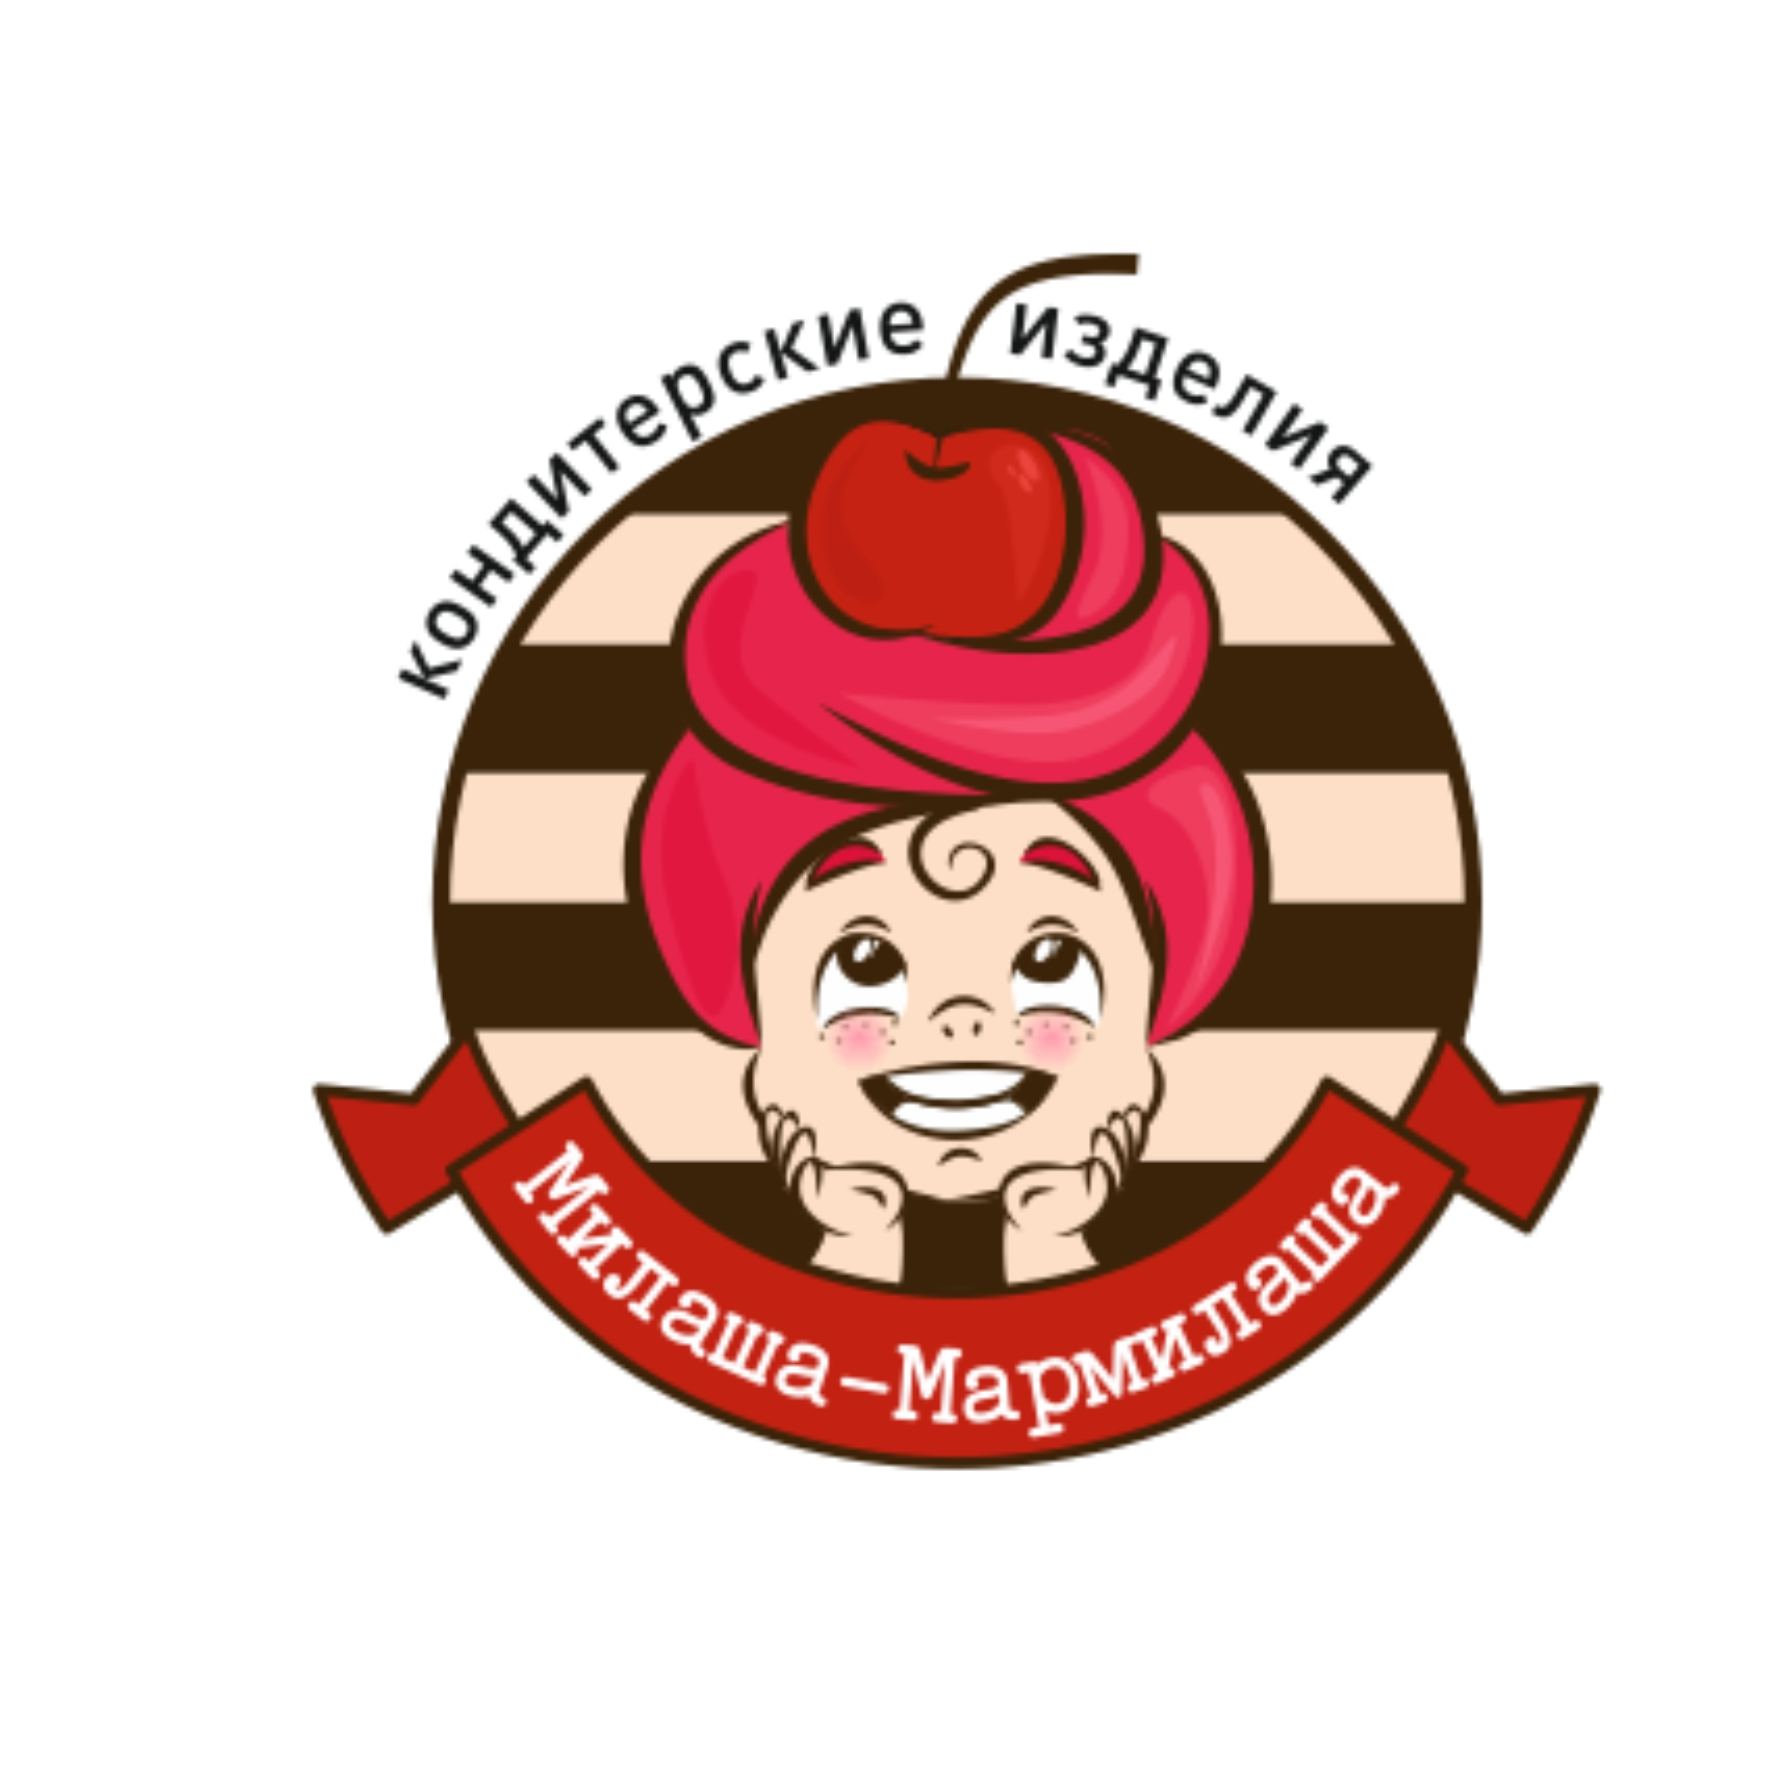 """Логотип для товарного знака """"Милаша-Мармилаша"""" фото f_6935875809aa6306.jpg"""